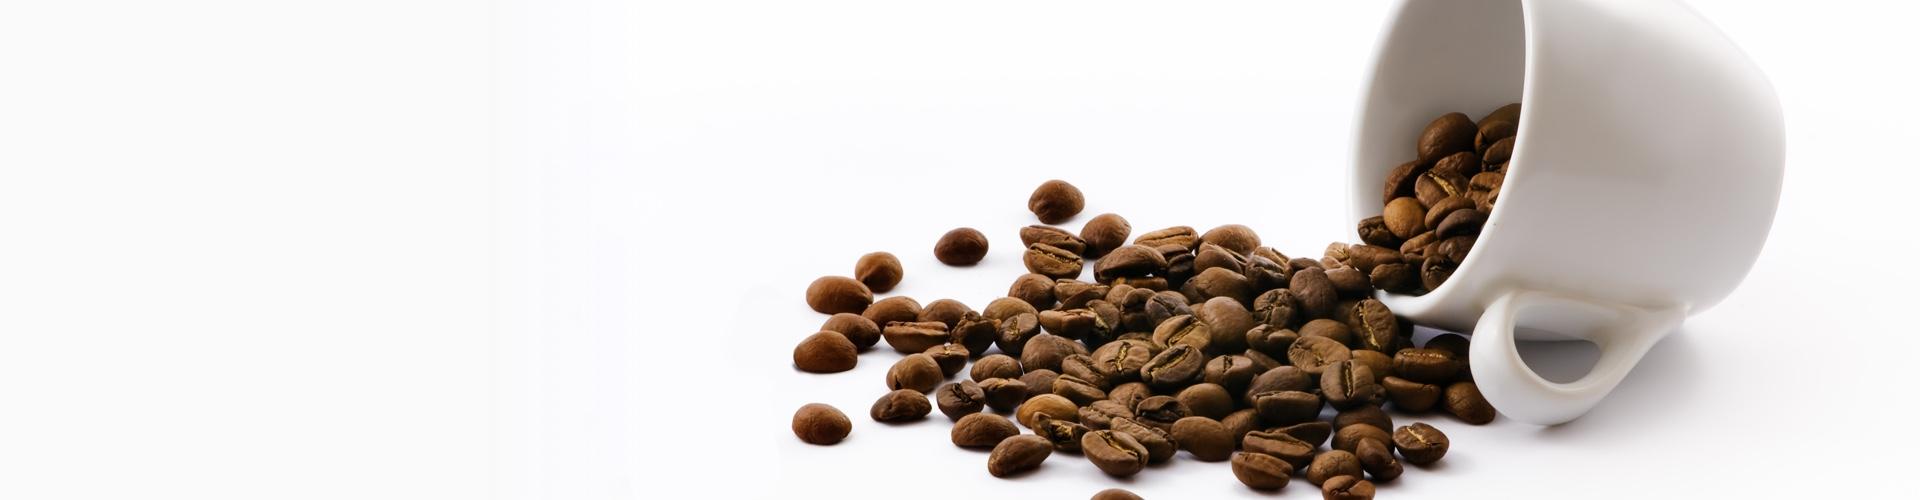 Machines à café en grains